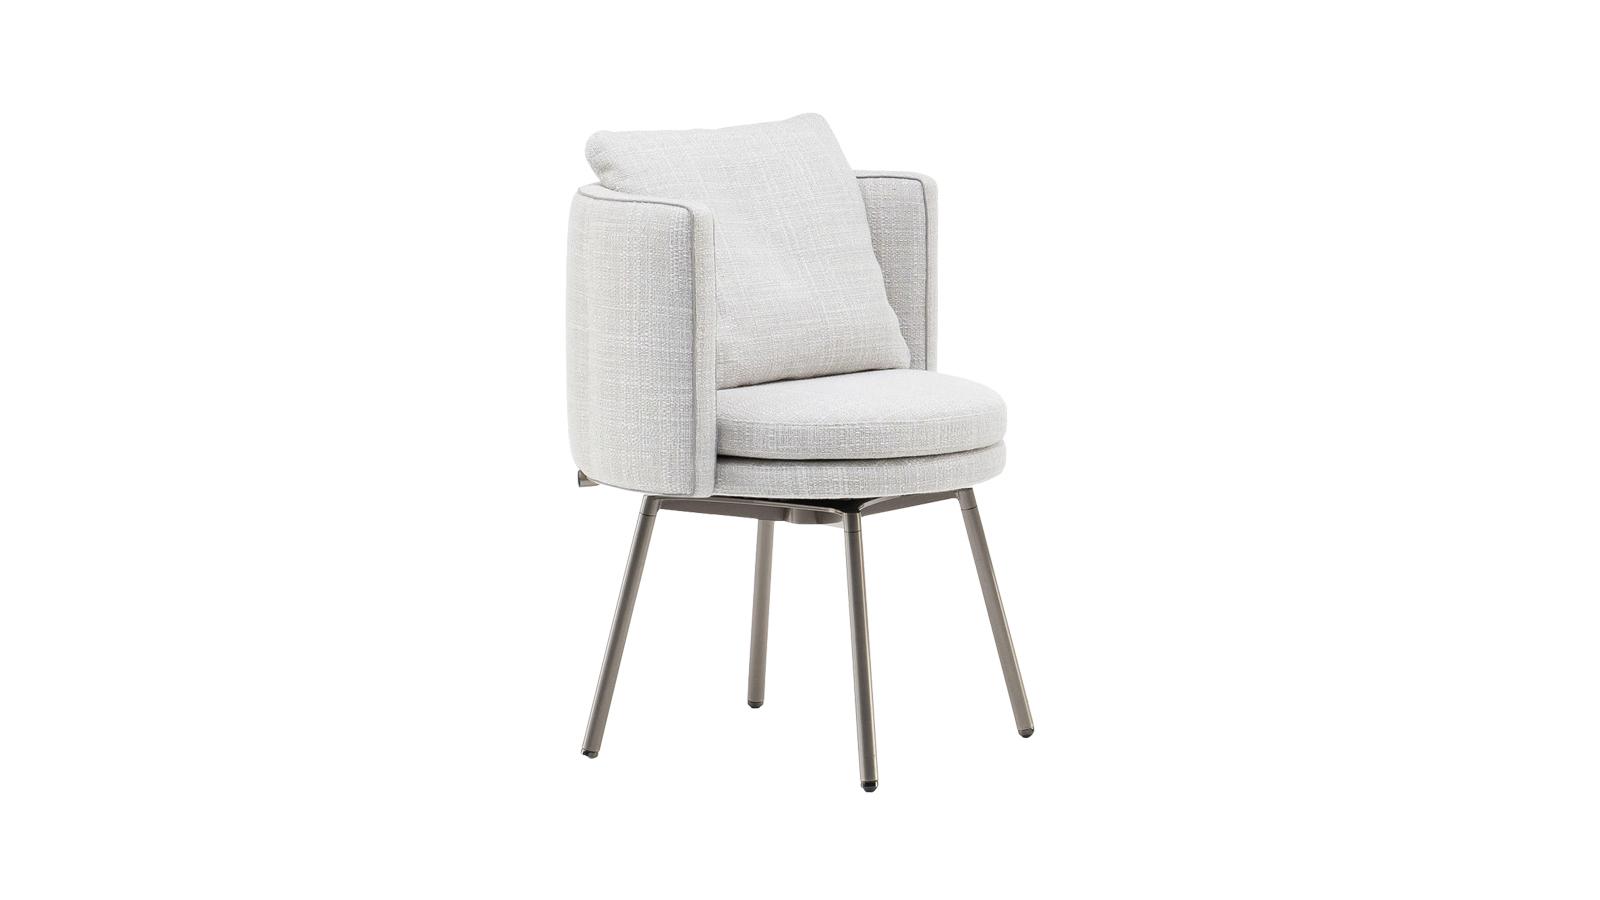 A modern európai formatervezés és a japán tradíciók harmonikus találkozása: ez a légies Torii szék. A nyurga fémötvezetű lábakat a tradicionális japán szakrális kapuk ihlették. A tiszteletet parancsoló struktúrát az ülőrész kerek és szögletes formáinak játéka töri meg, mely igazi mesterművé teszi a karfát. A Torii bútorcsalád több tagja is kapható a CODE Showroomban.